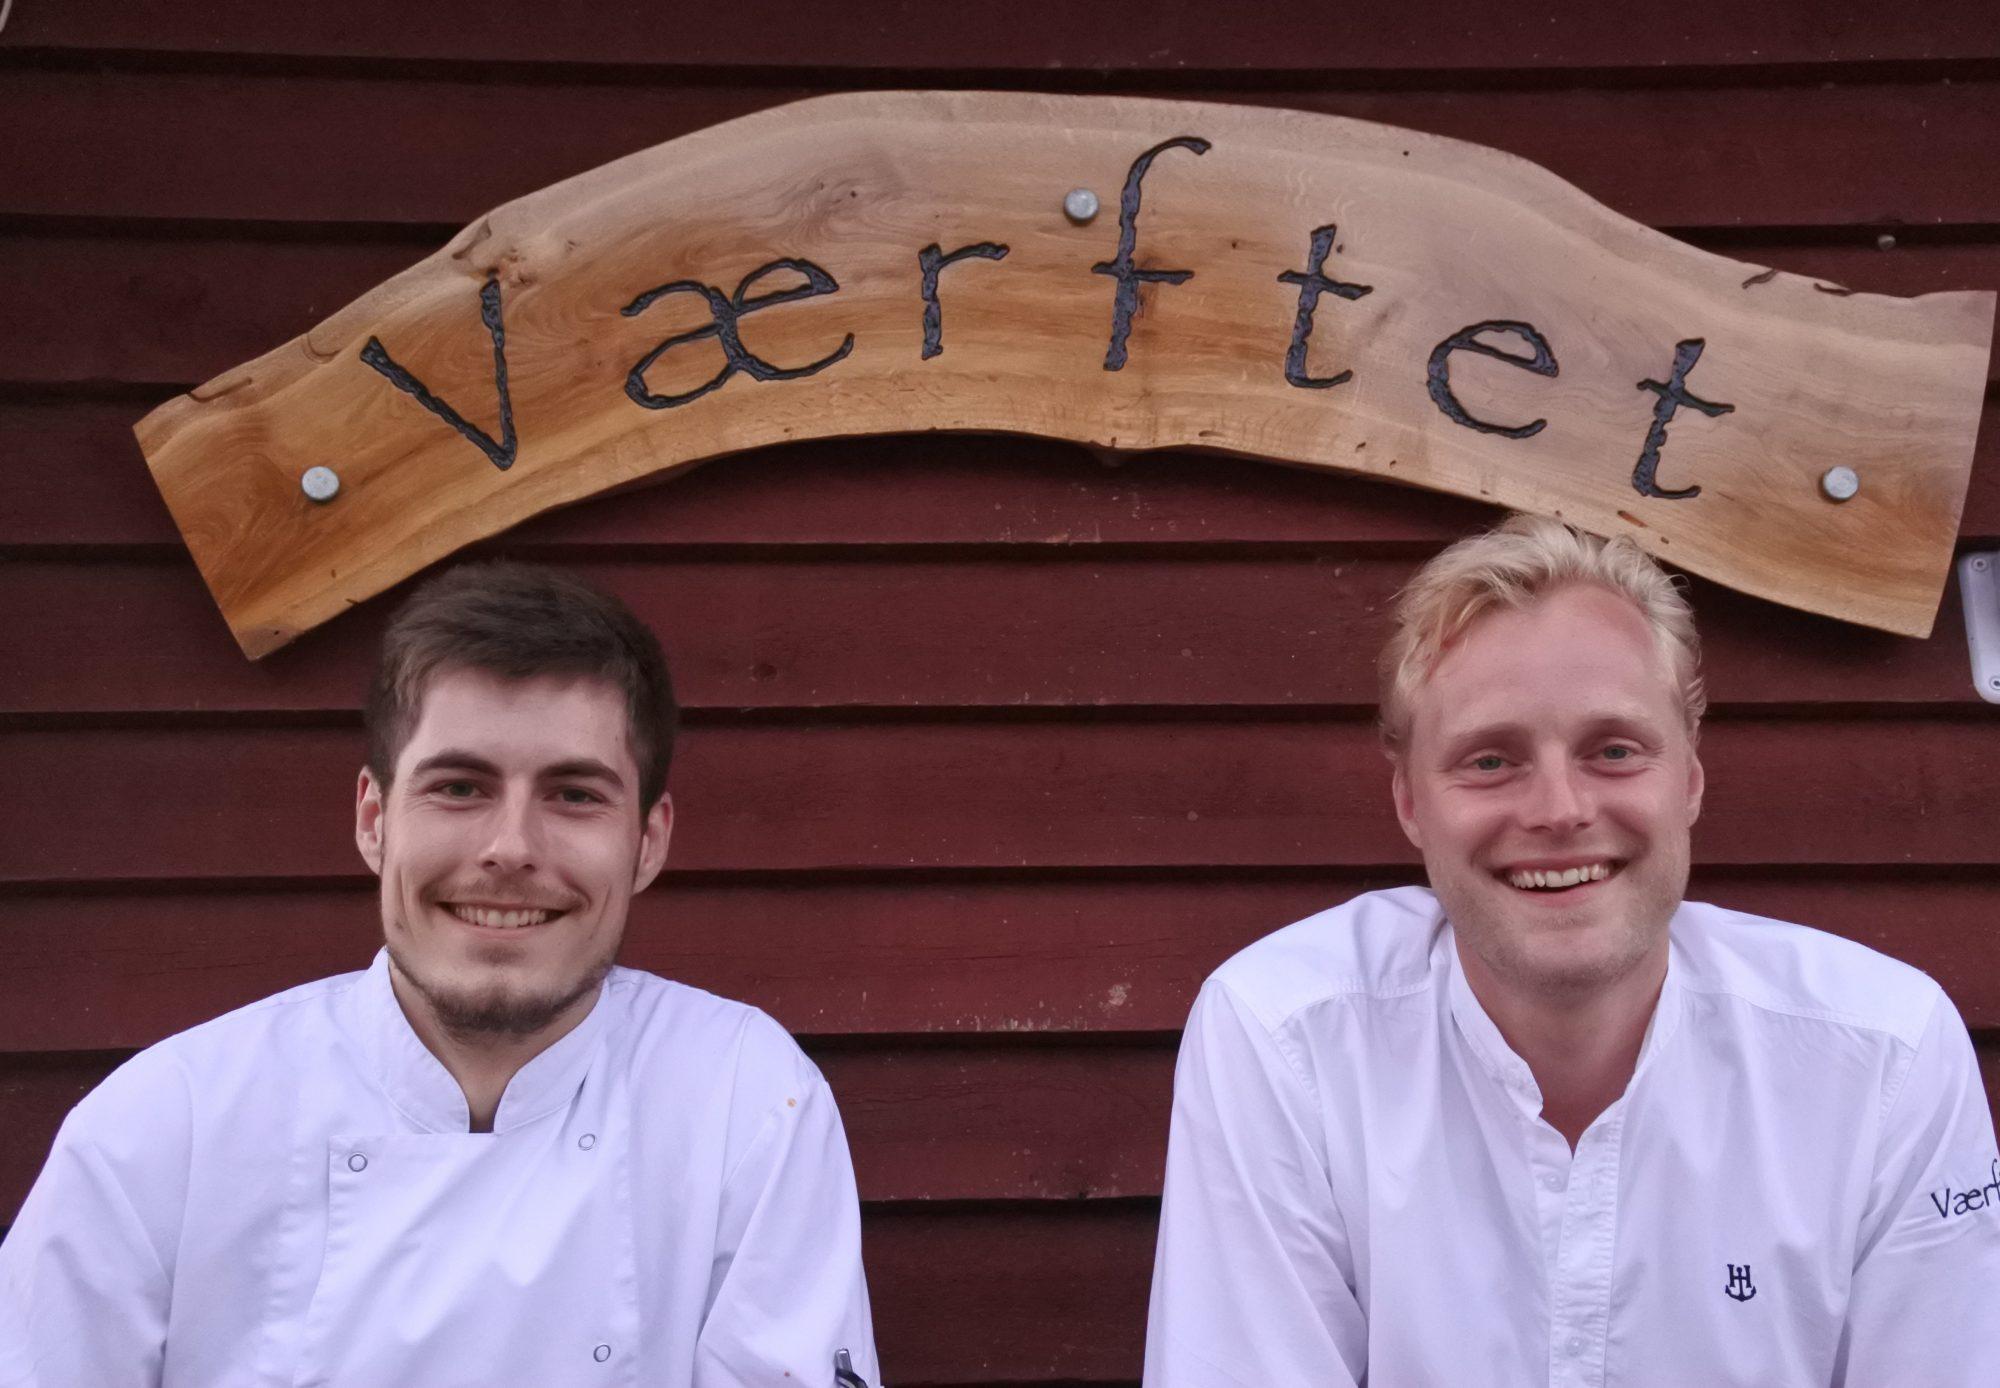 The food video fra Værftet restaurant & bar